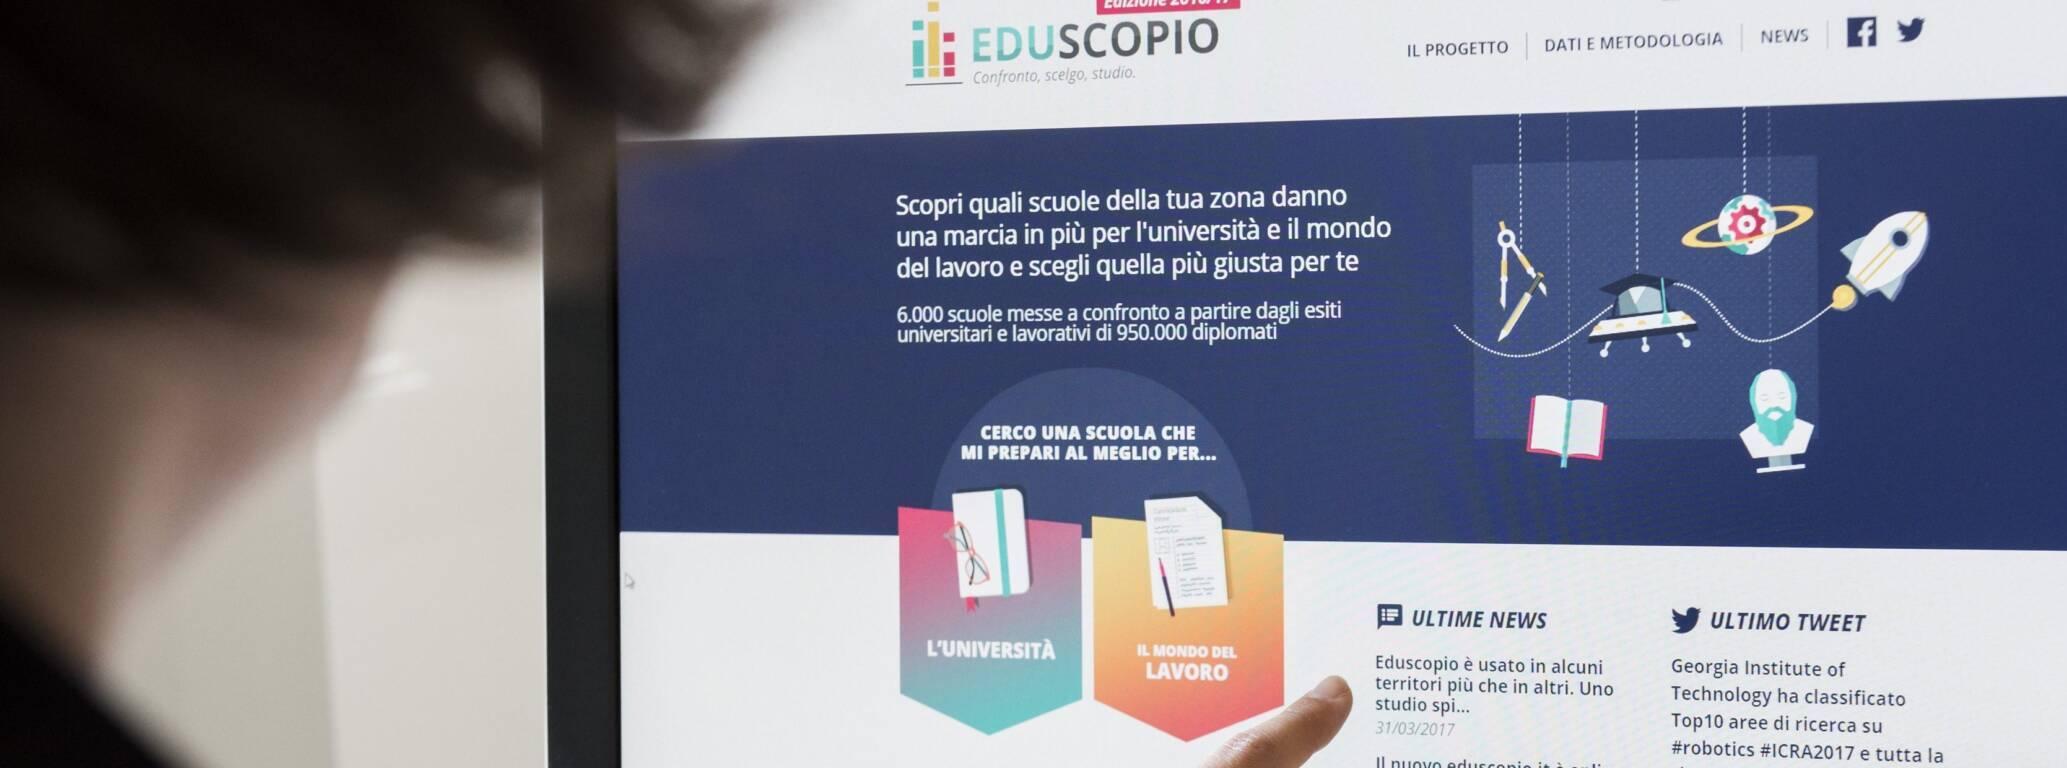 """Eduscopio 2020/2021, significativo riconoscimento per il Liceo """"Spedalieri"""" di Catania"""